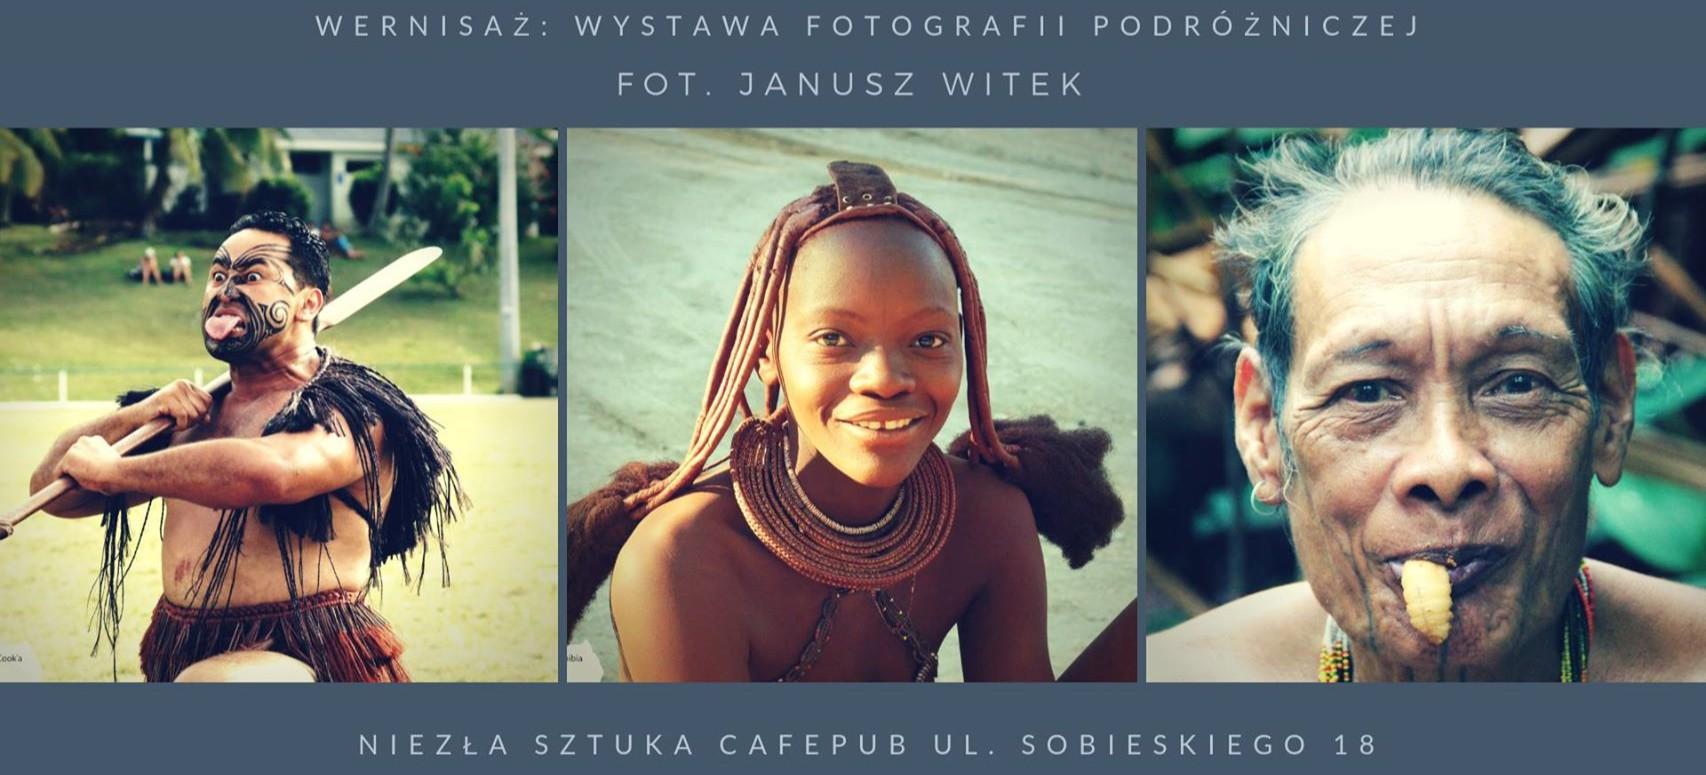 Wystawa fotografii podróżniczej w Cafepubie Niezła Sztuka